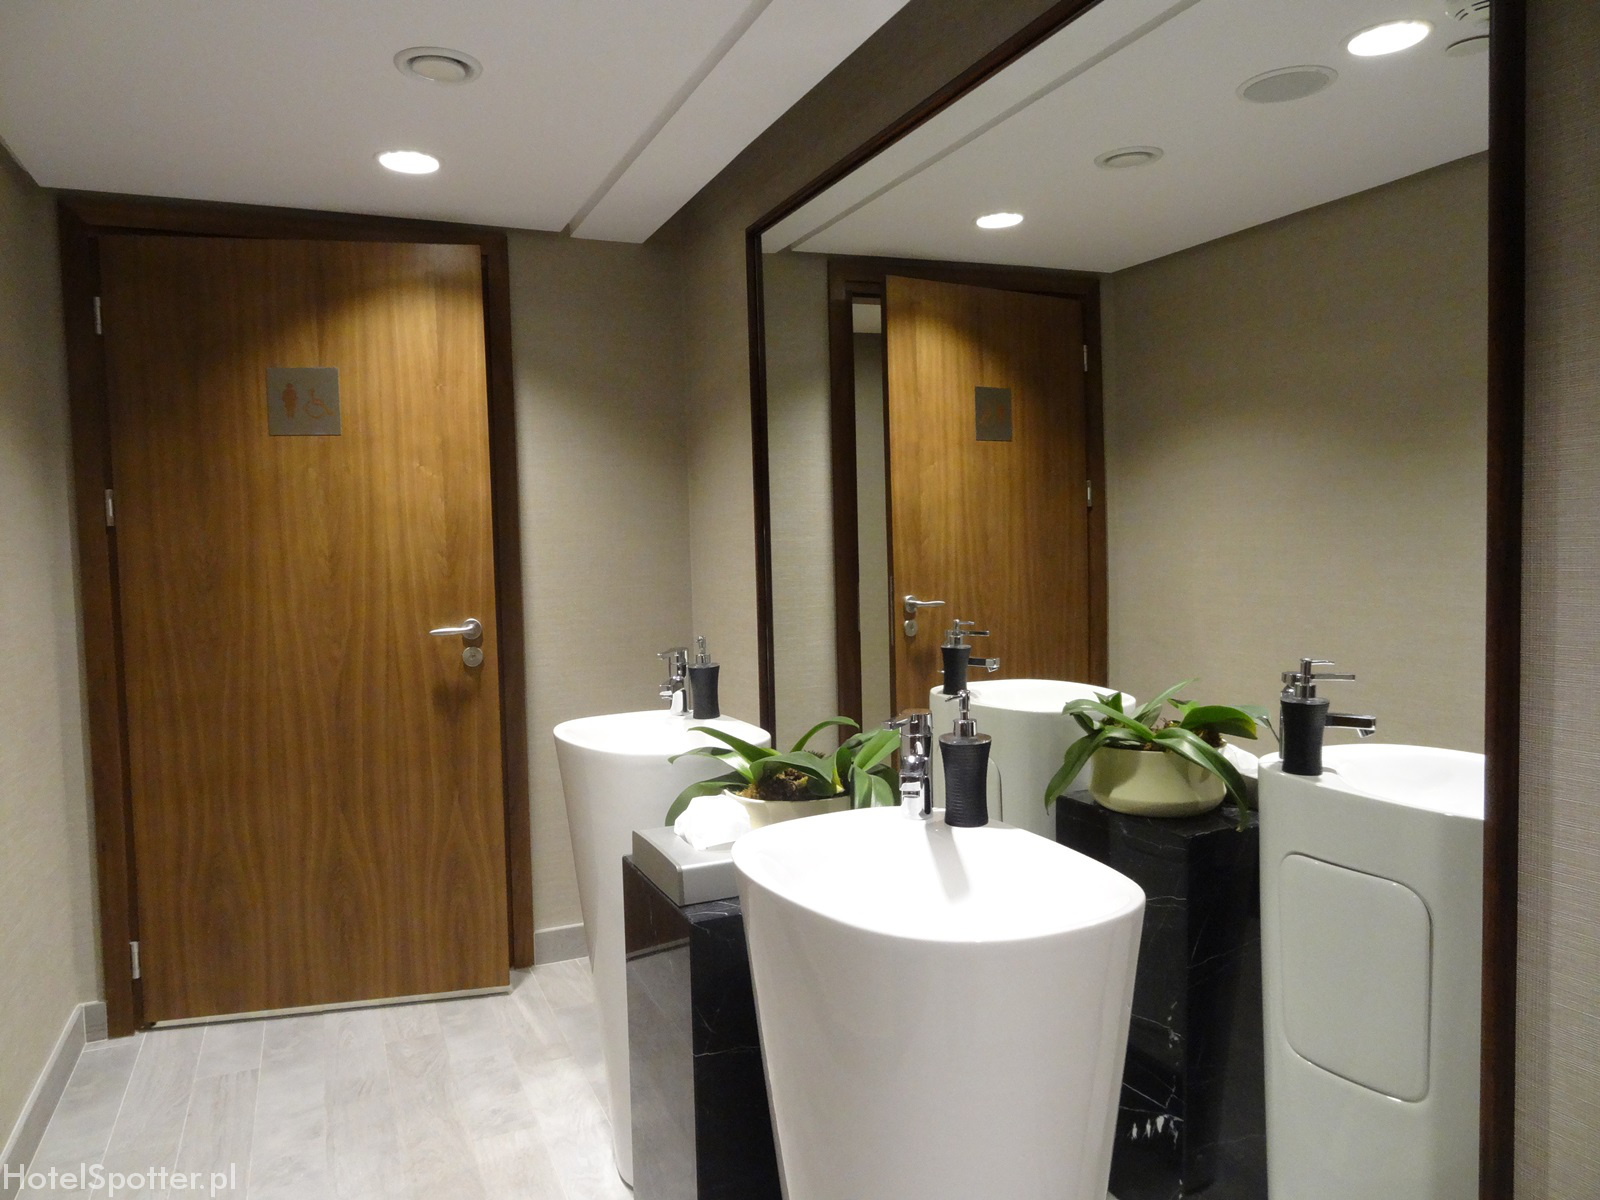 DoubleTree by Hilton Warsaw - lazienka na korytarzu